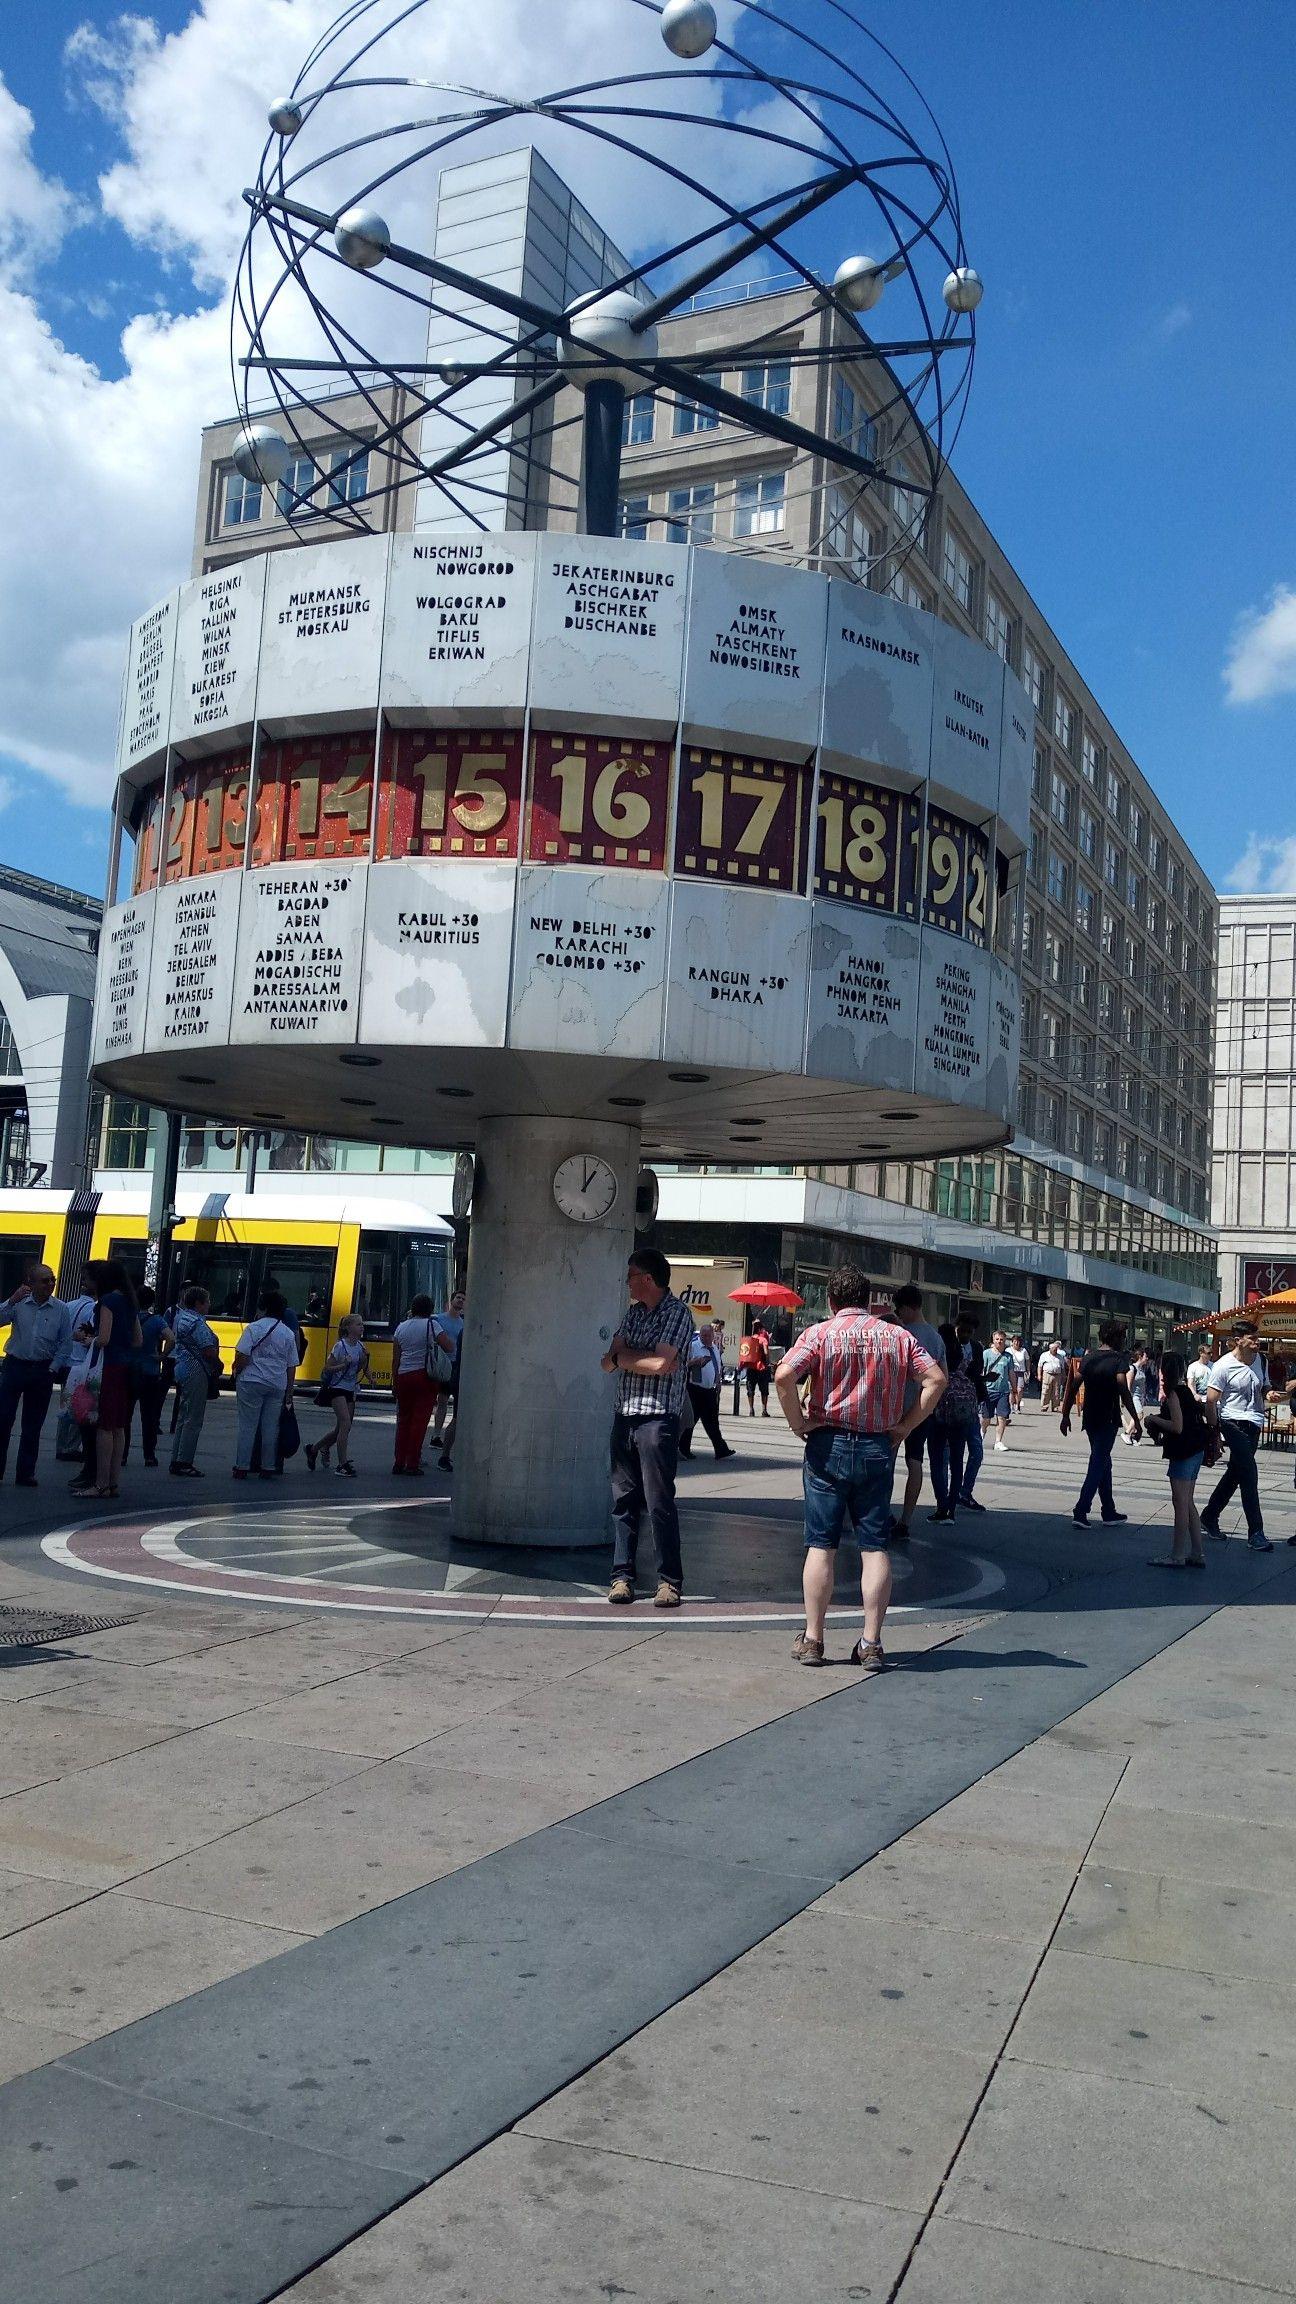 Weltuhr Worldclock Berlin Alexanderplatz Broadway Shows Breathtaking Berlin